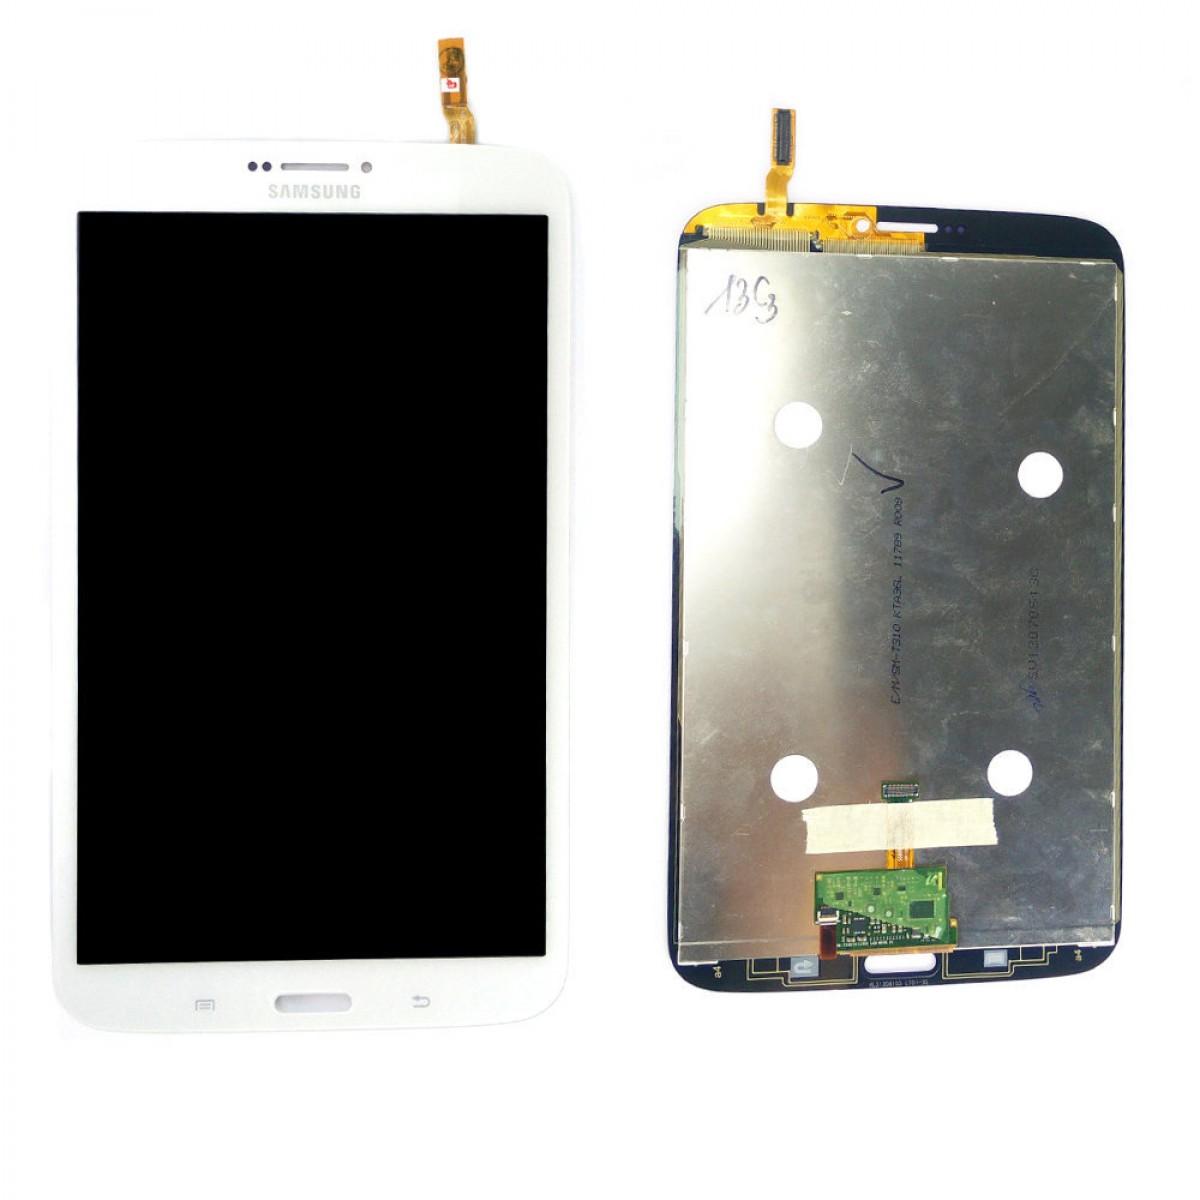 Cran samsung galaxy tab 3 8 0 t315 4g blanc achat en for Photo ecran galaxy tab 3